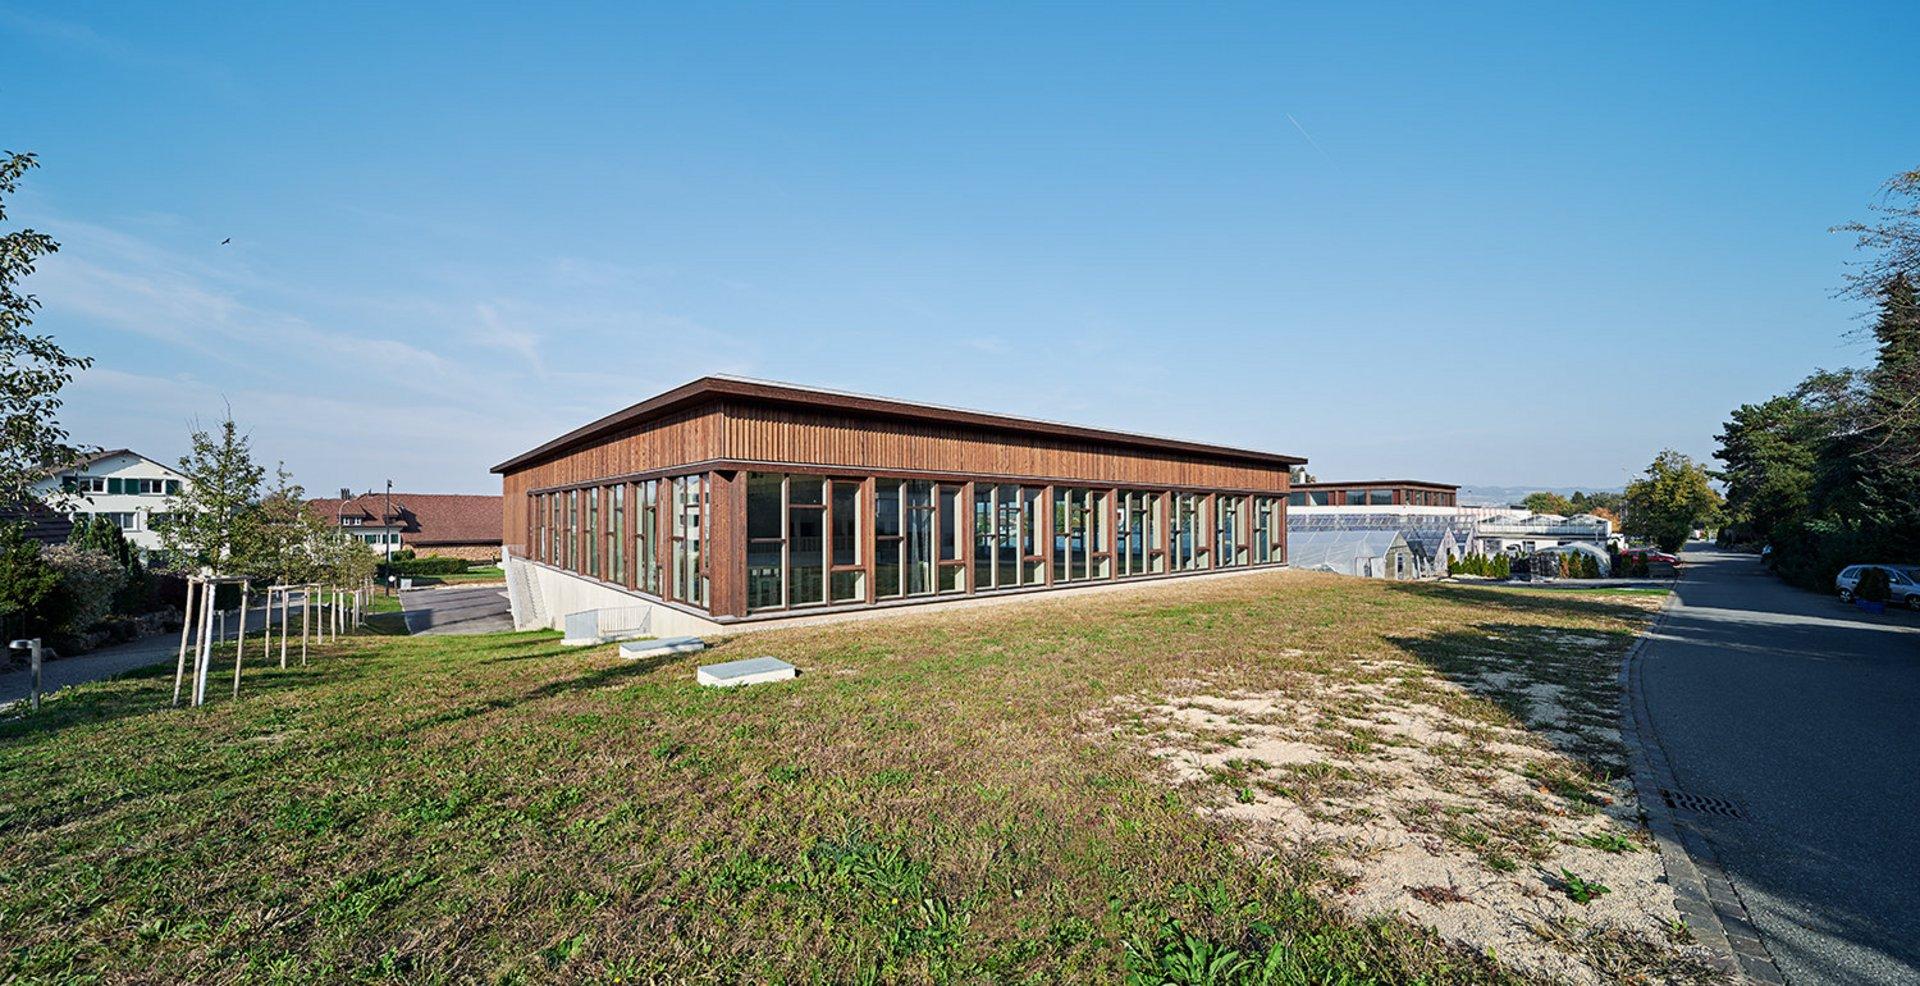 Doppelturnhalle in Elementbauweise und Pfostenriegelsystem mit einer hinterlüfteten Fassade aus druckimprägnierter Weisstannenschalung